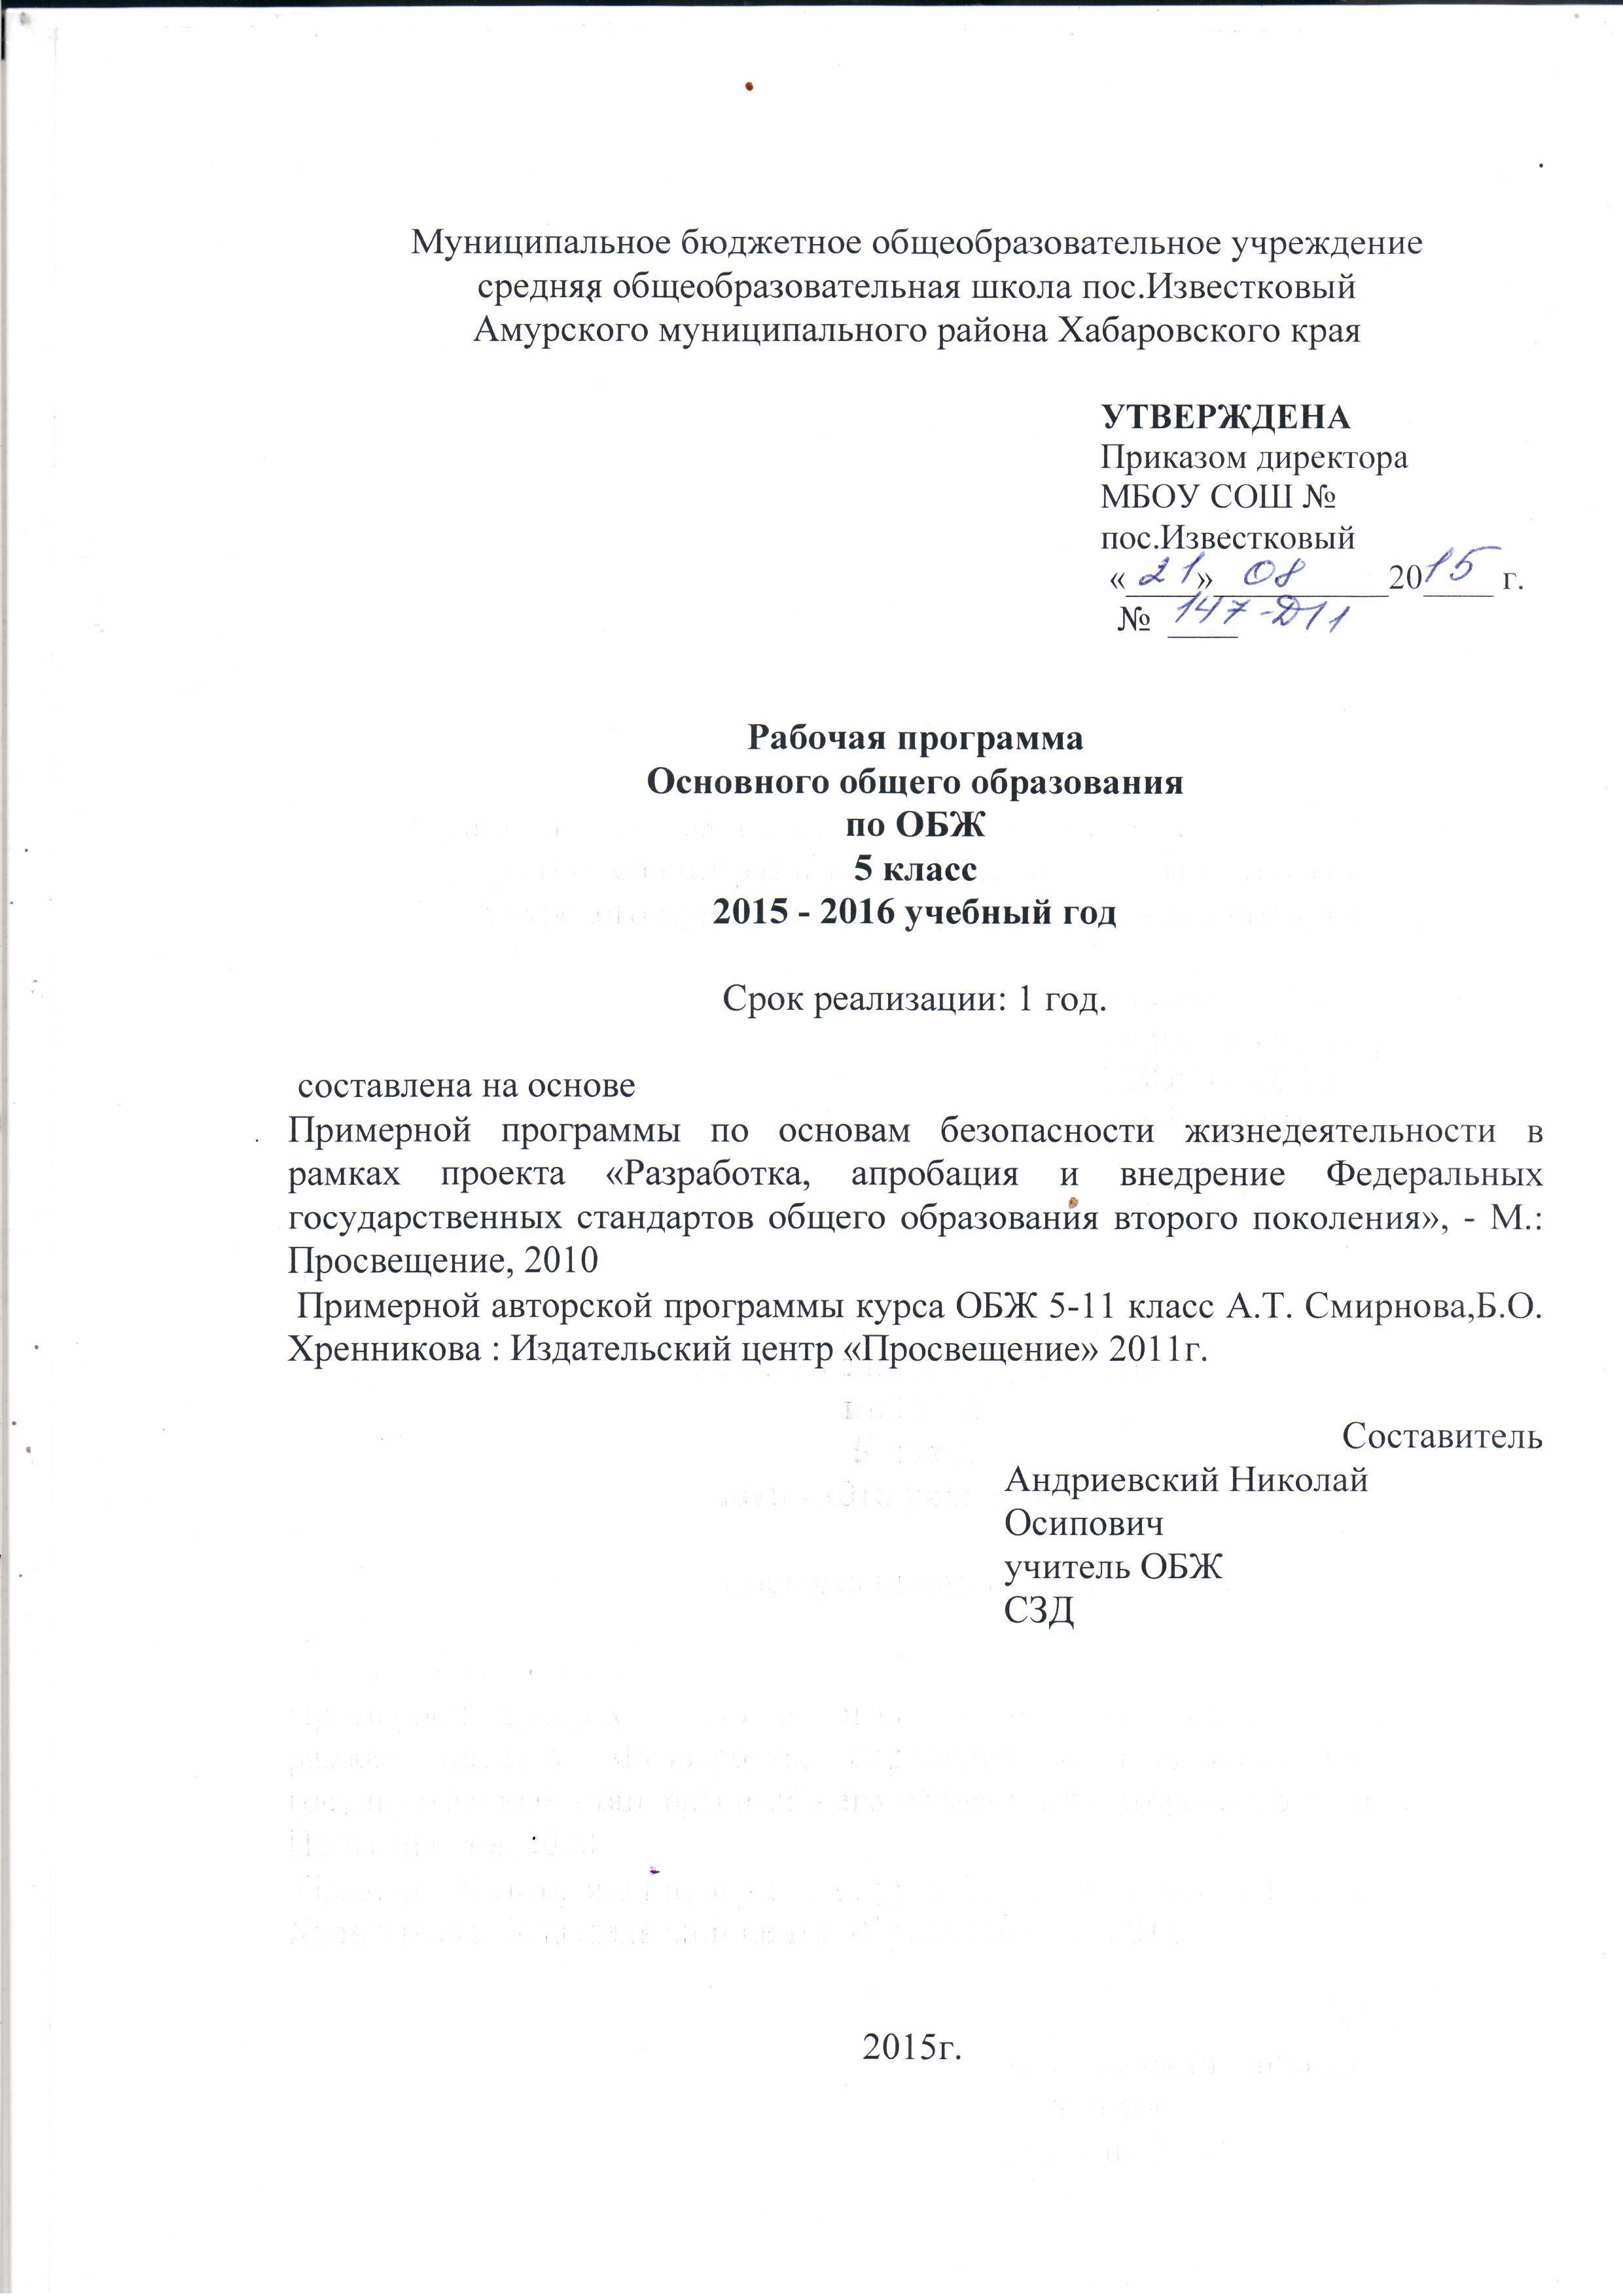 Рабочая программа по русскому языку в 5 классе на основе фгос второго поколения